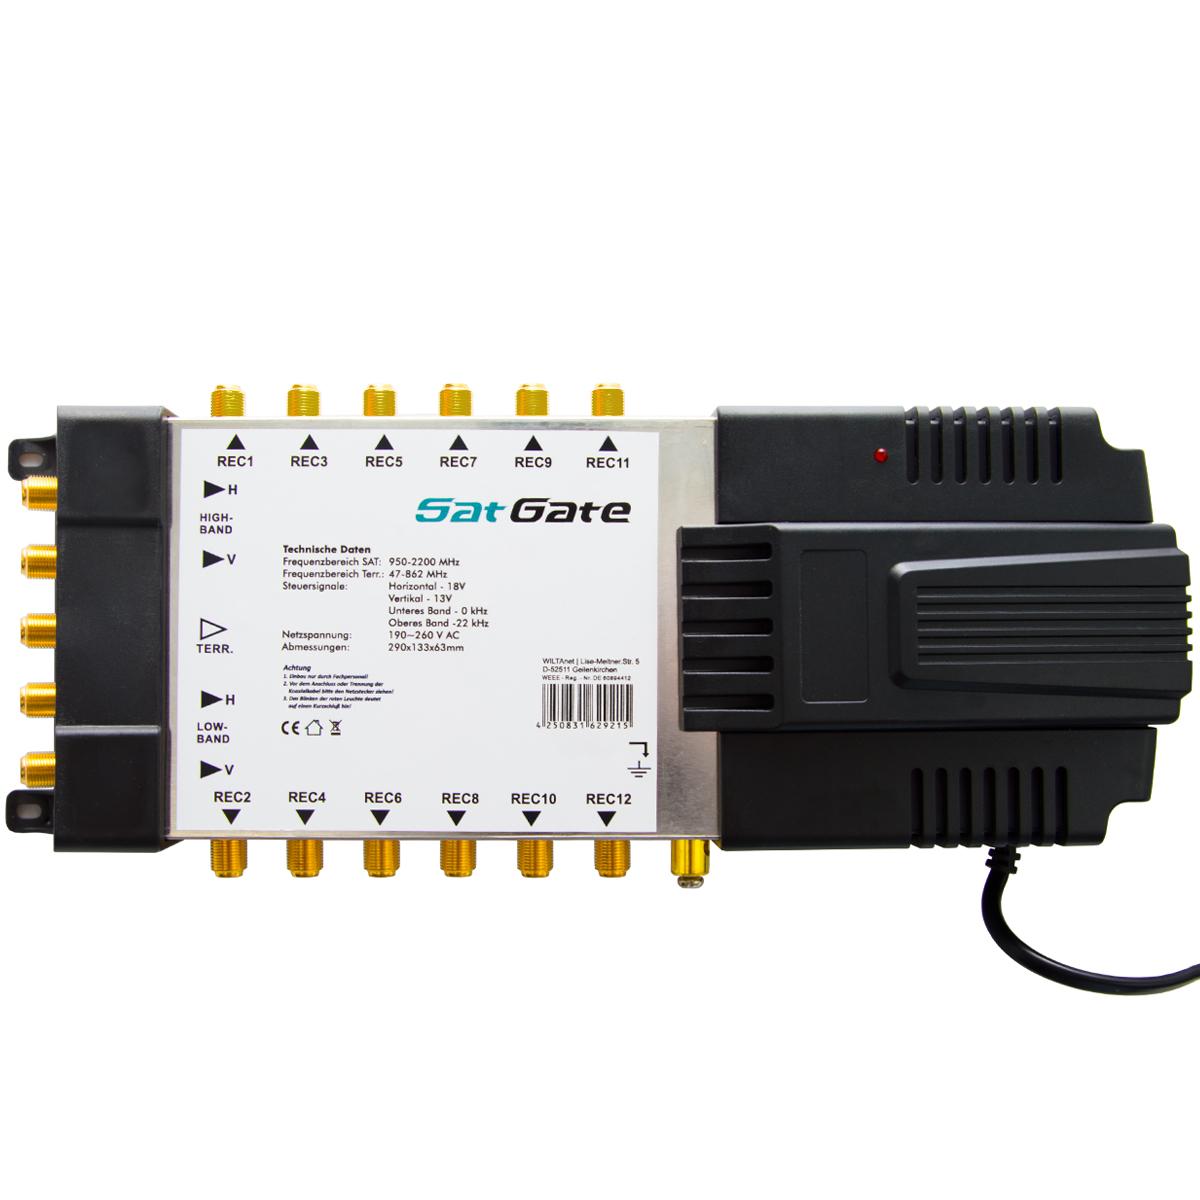 SatGate Multischalter 5/12 Verteiler Switch Matrix für 12 Teilnehmer 1x Sat Eingang Multiswitch FULL HD HDTV 4K UHD